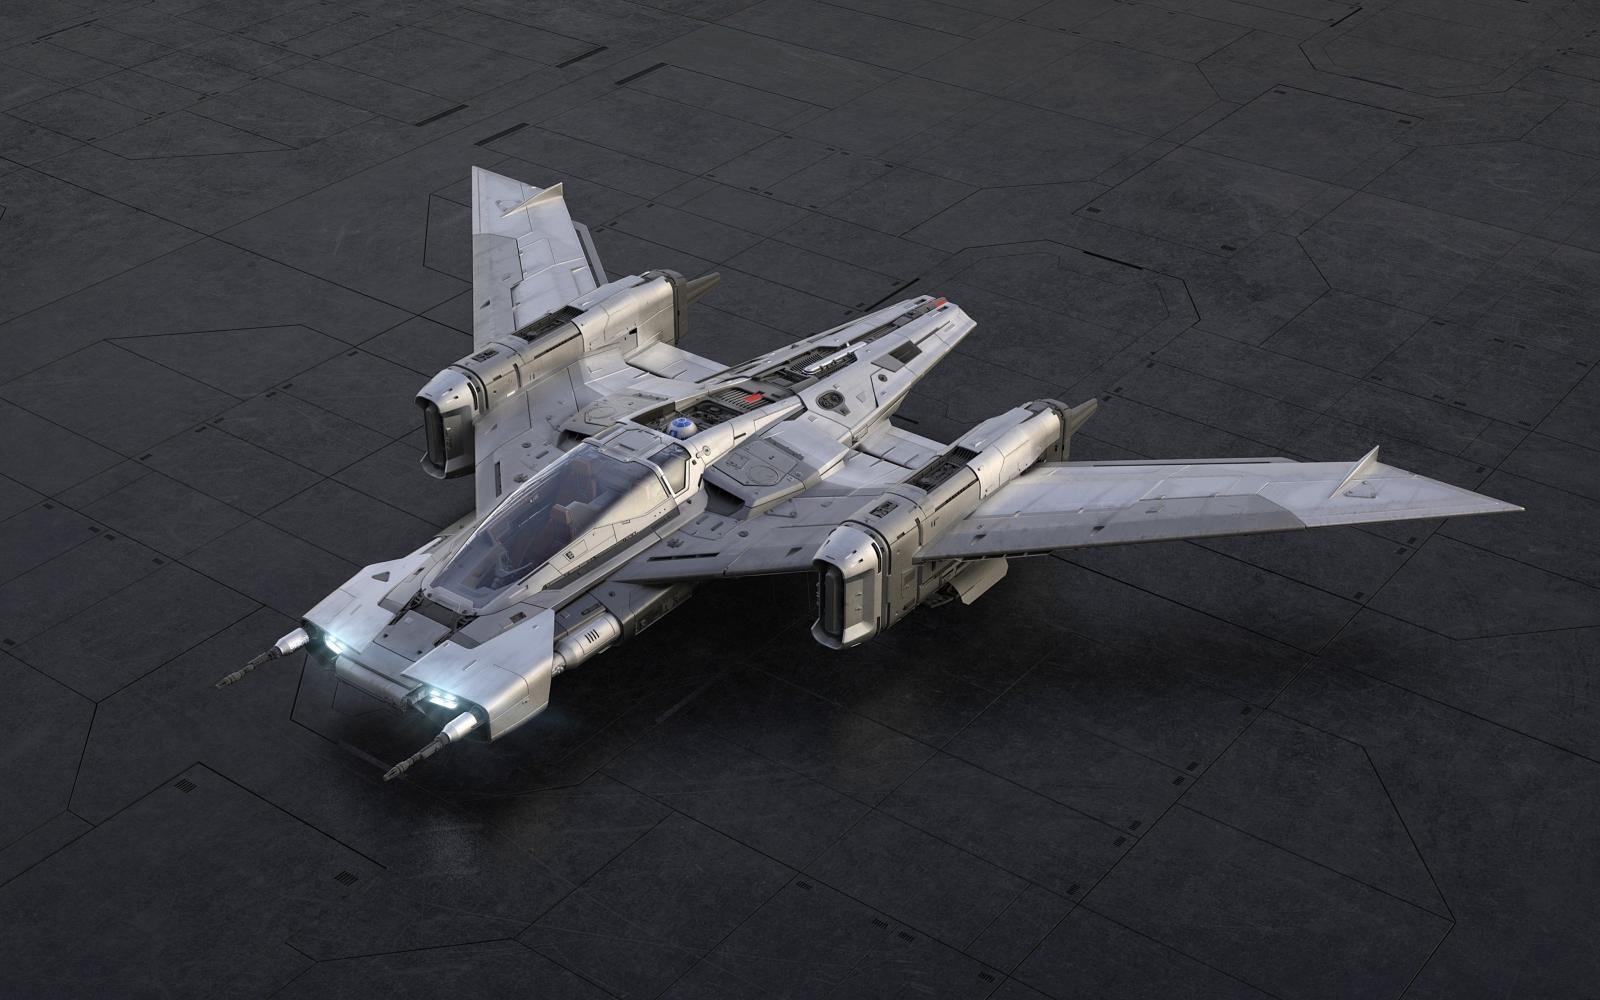 Звёздный истребитель S-91x «Tri-Wing» «Пегас»